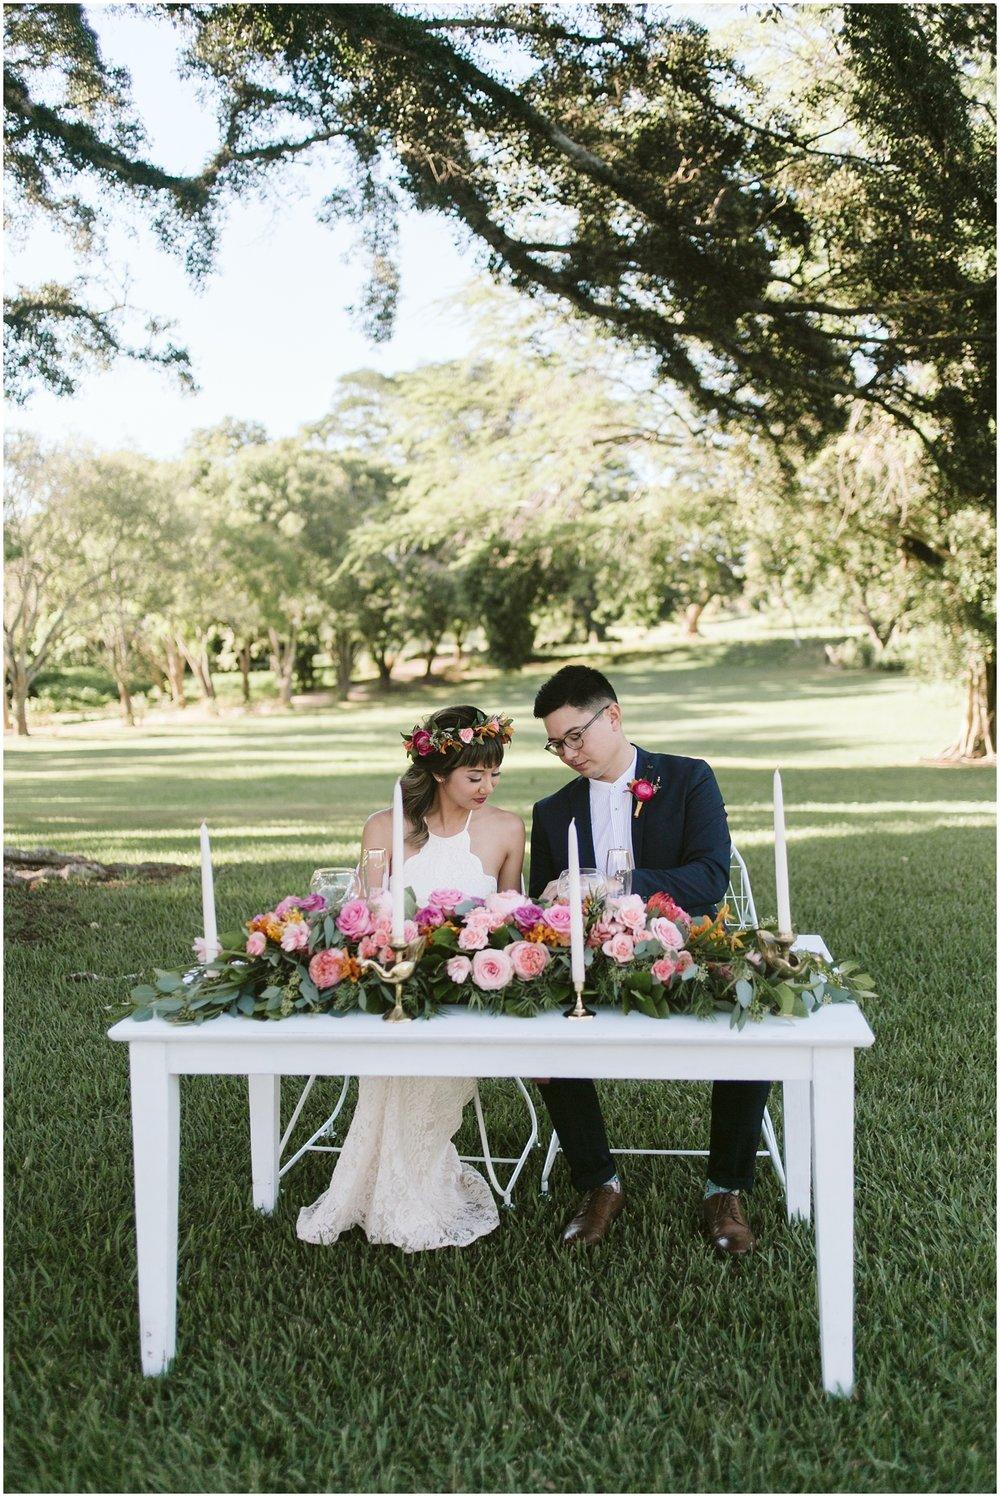 Dillingham-Ranch-Wedding-Photos-Waialua-Hawaii_0040.jpg